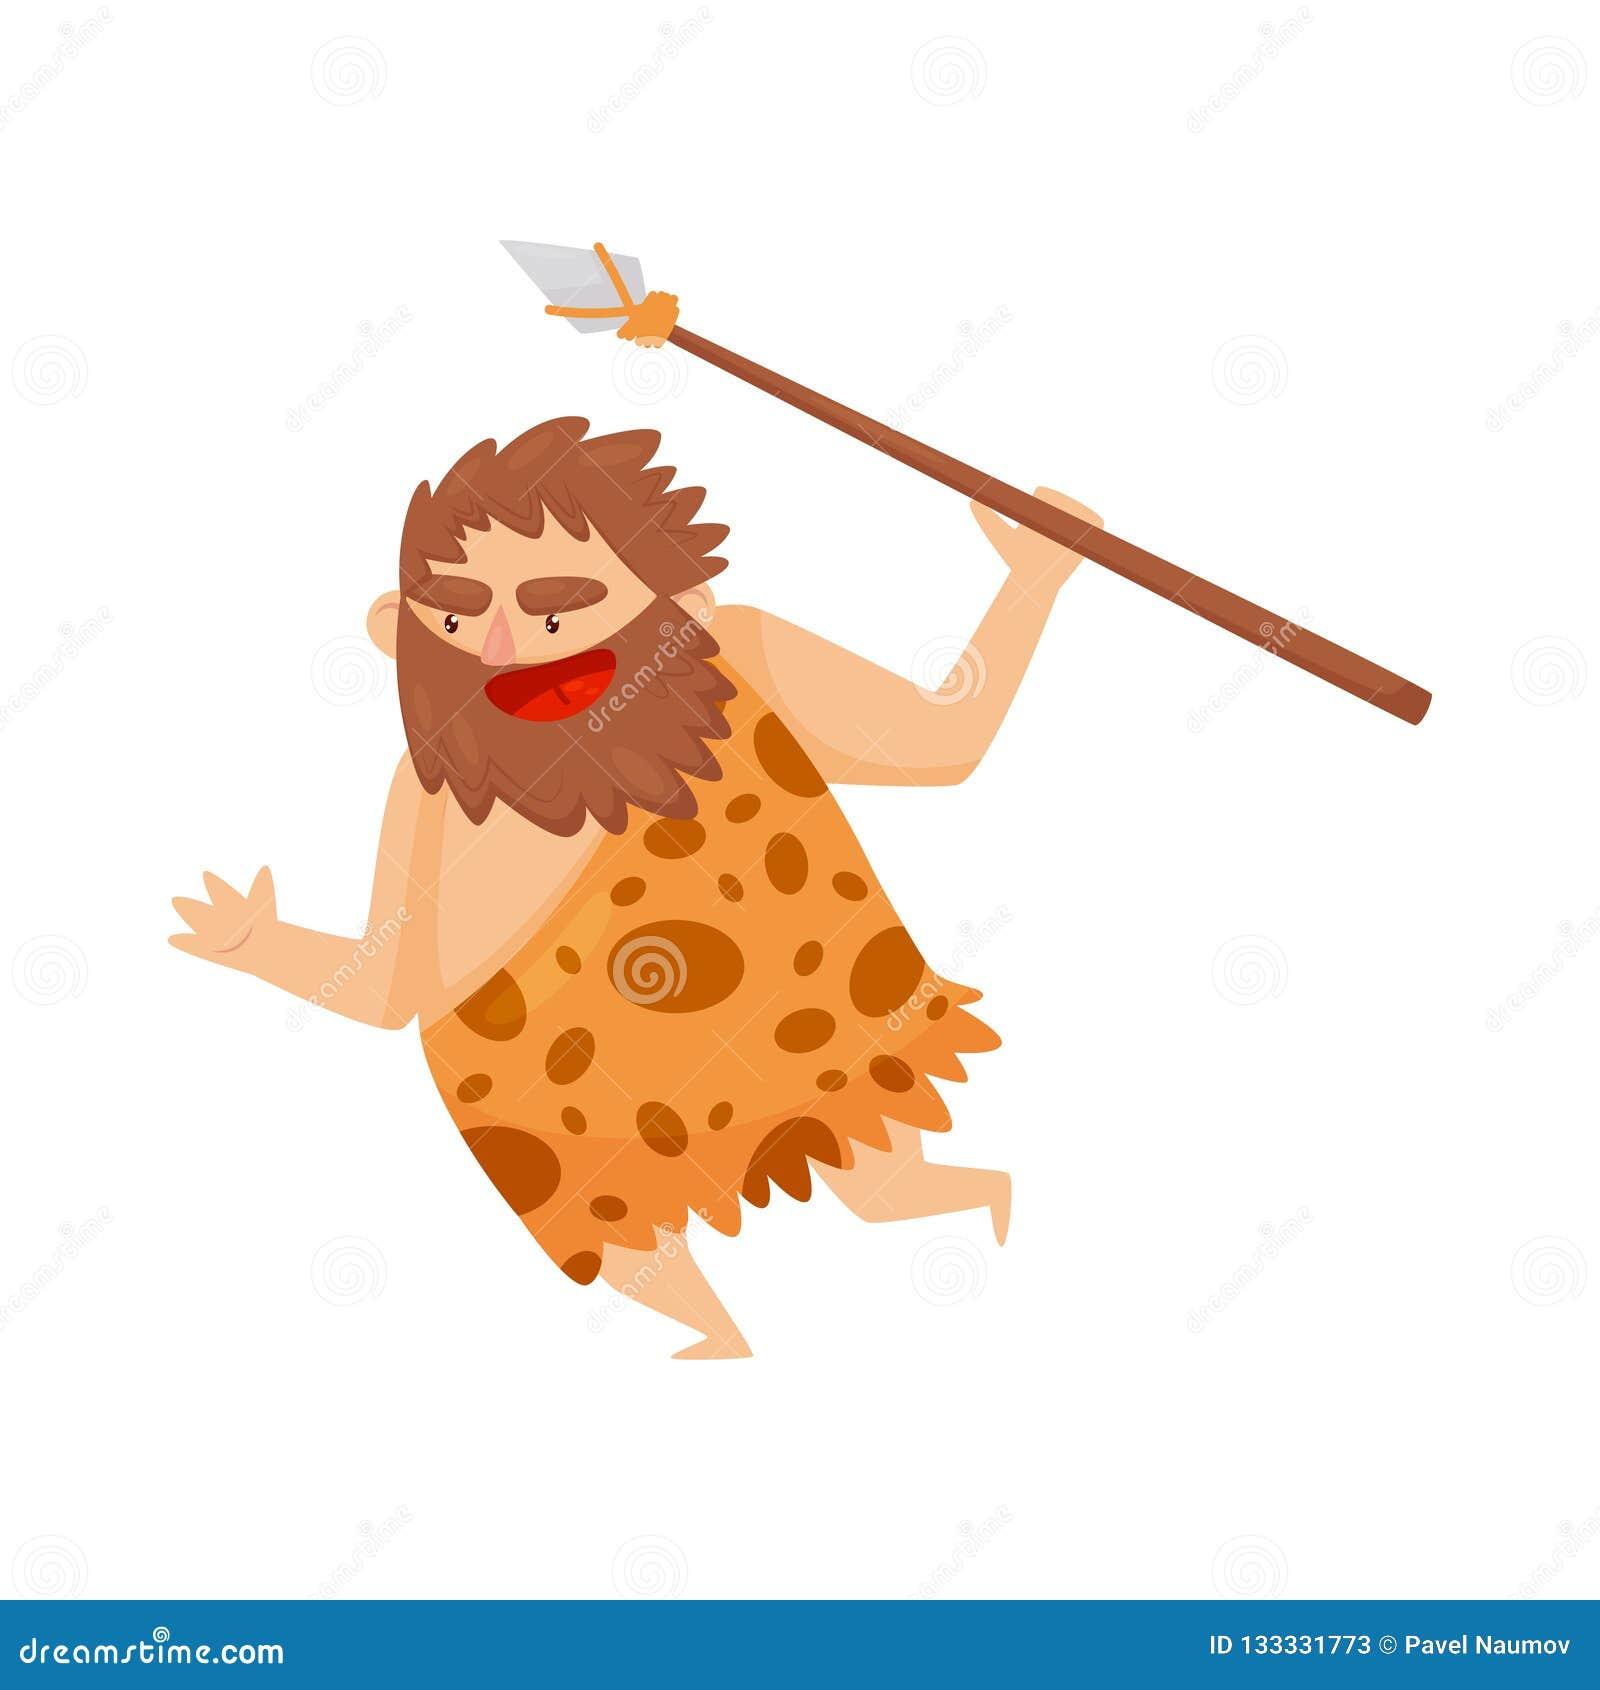 Hombre prehistórico de la Edad de Piedra divertida que corre con la lanza, ejemplo primitivo del vector del personaje de dibujos